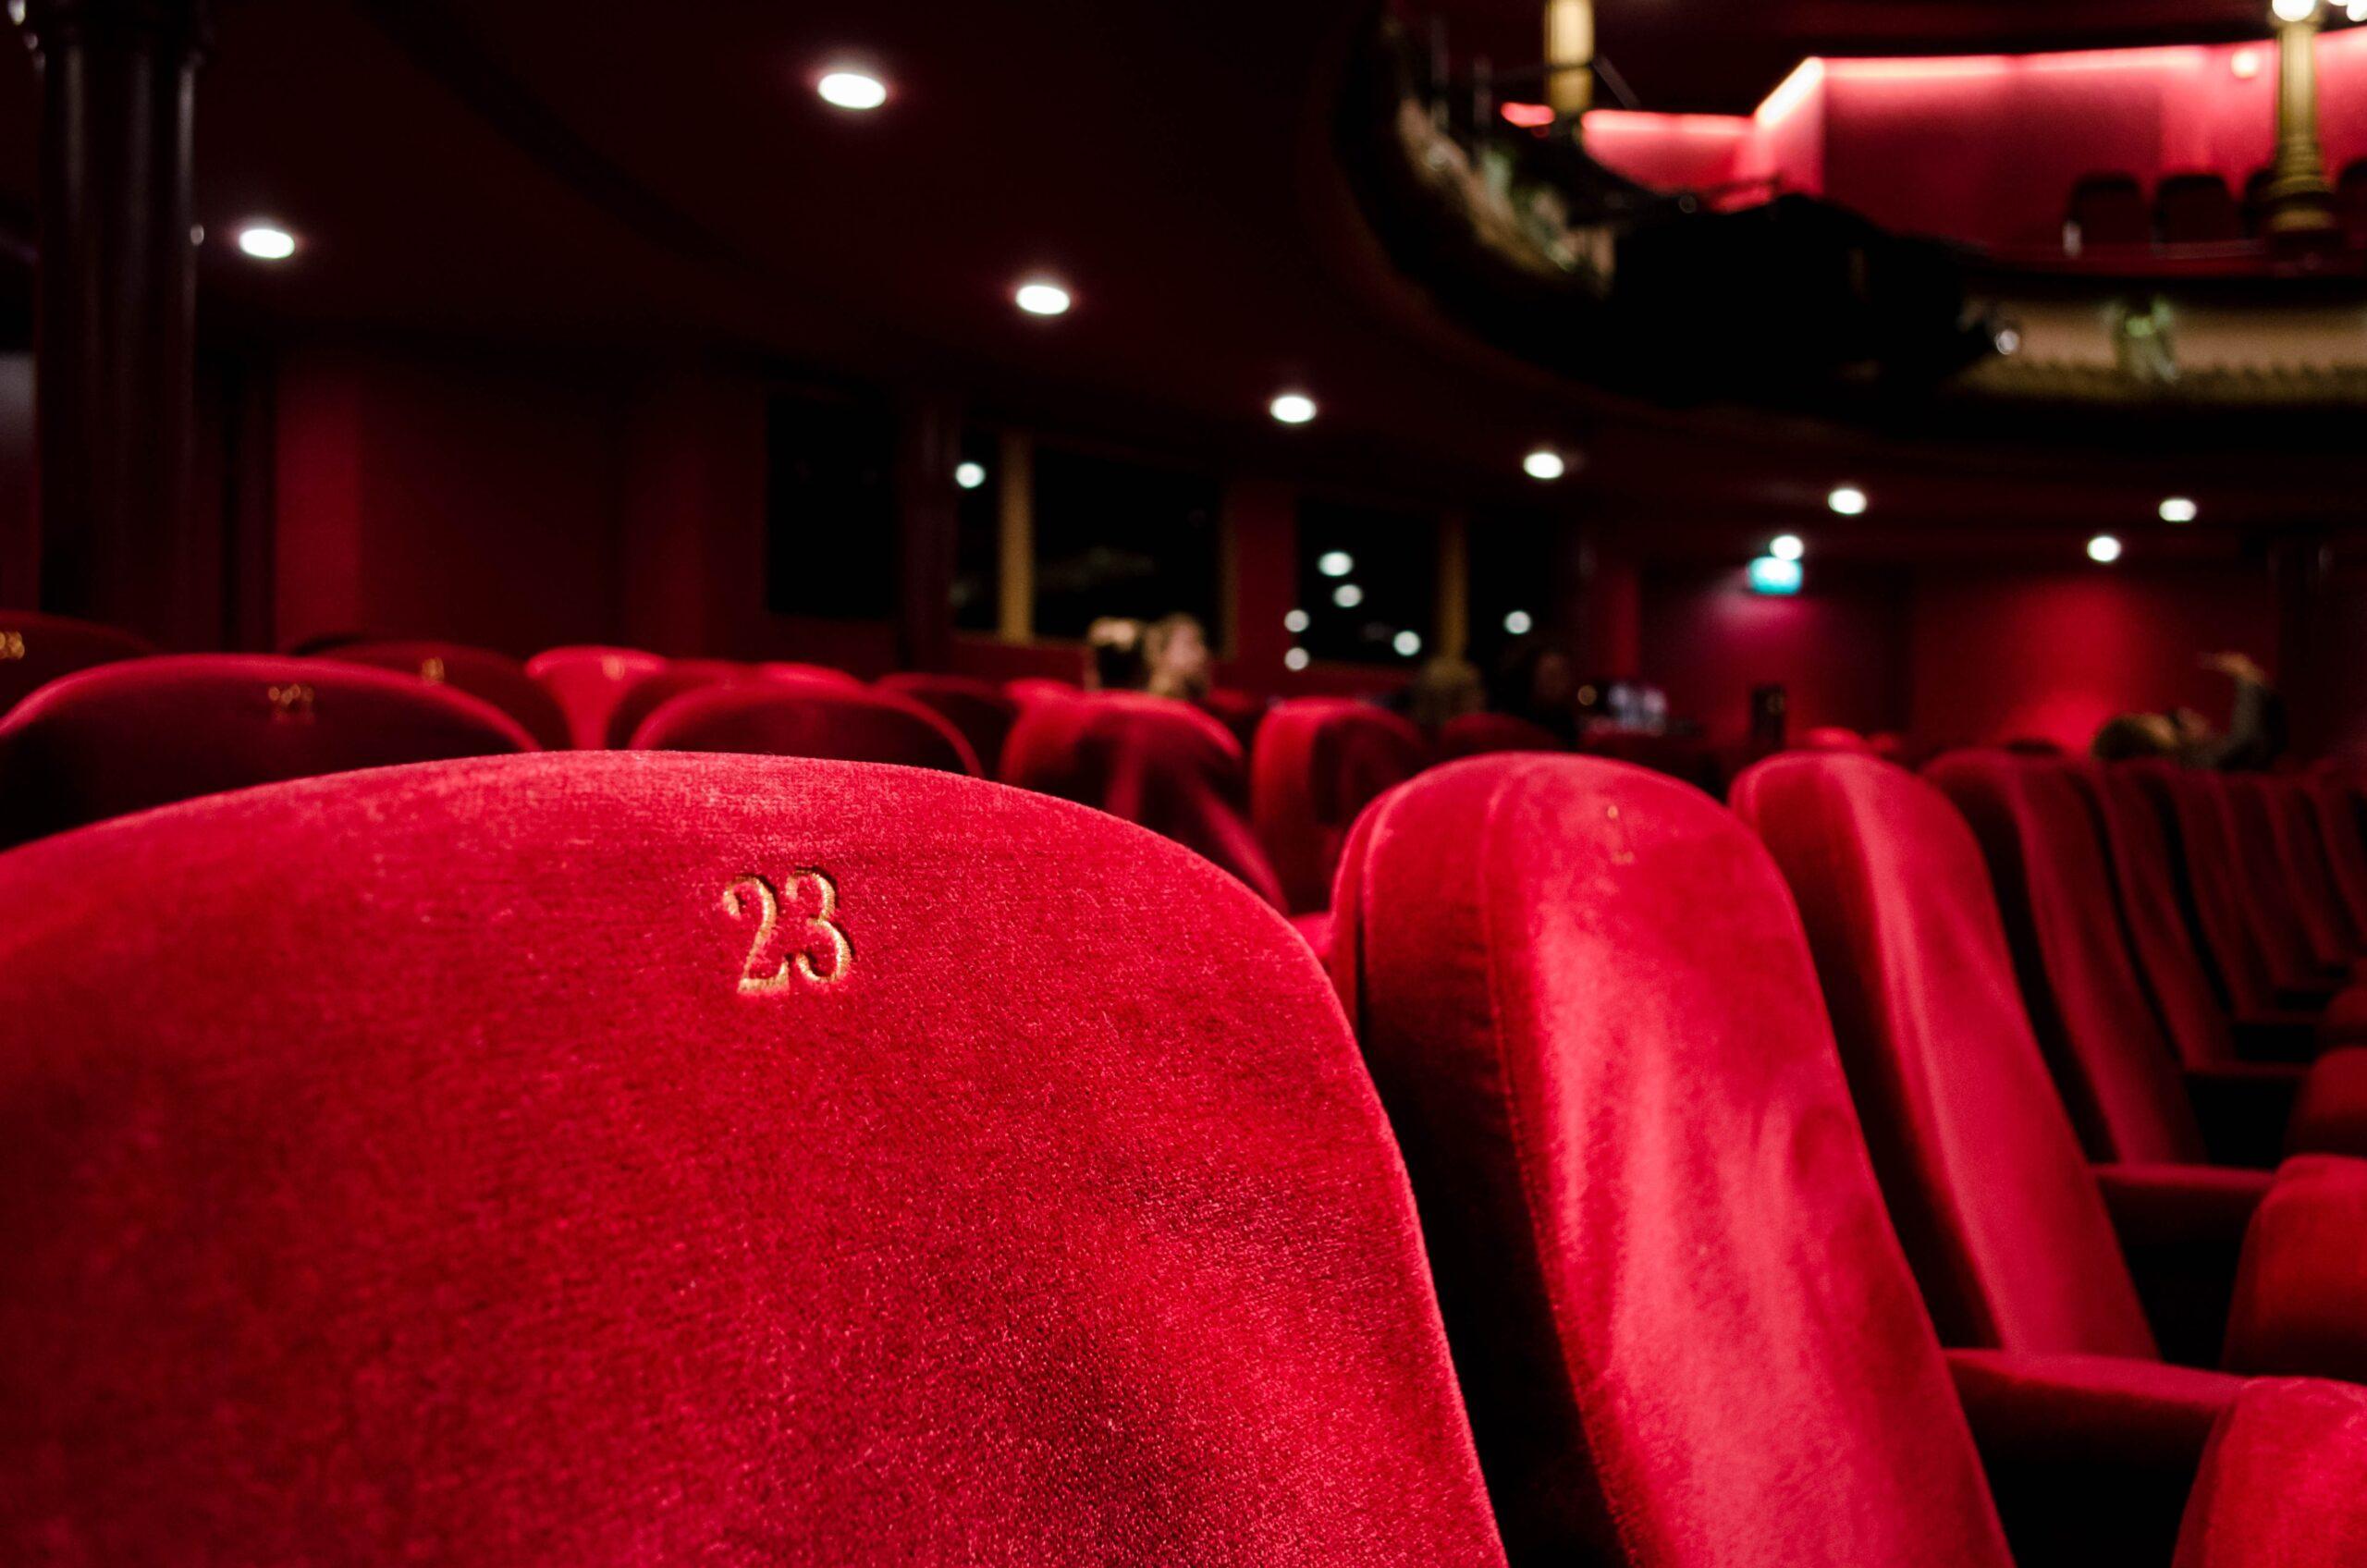 Live theatre in Dubai